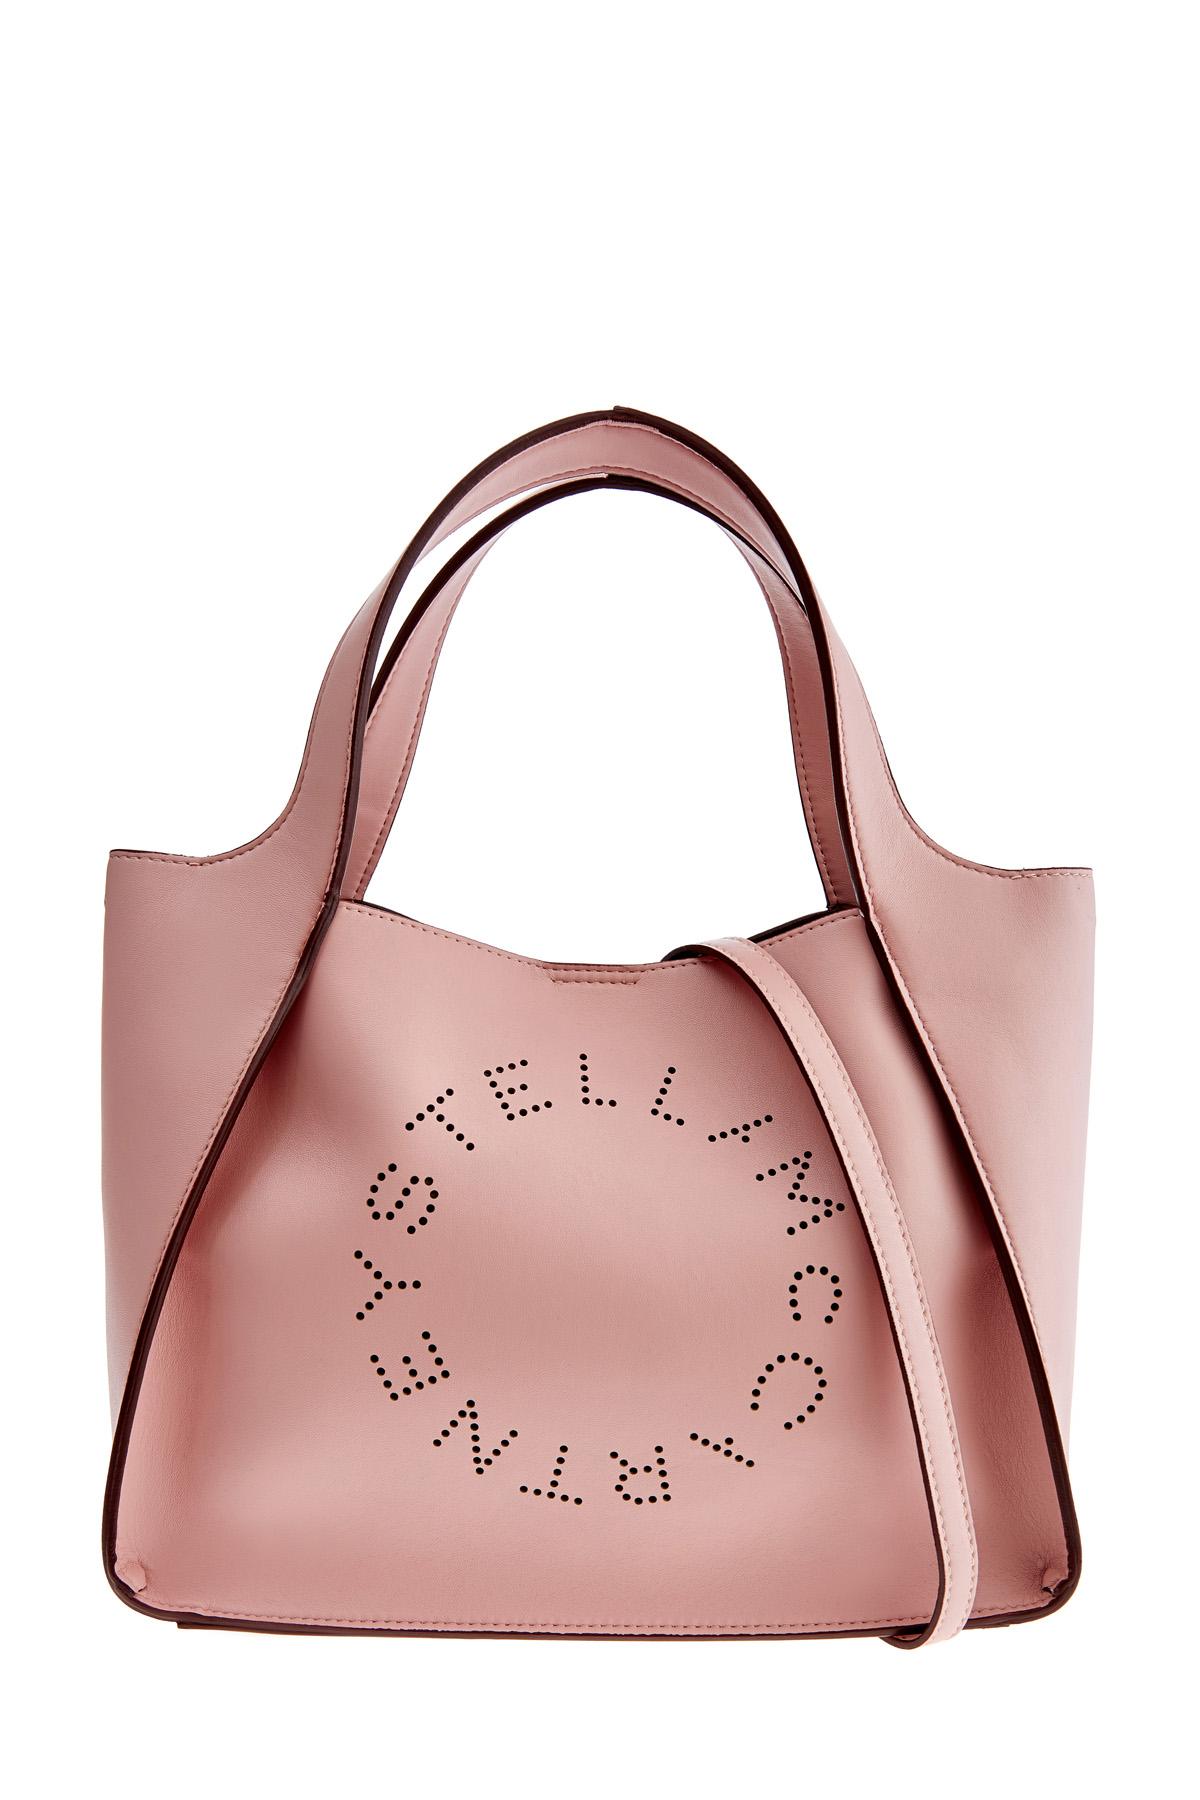 Купить со скидкой Сумка-тоут Stella Logo с декором в технике лазерной перфорации